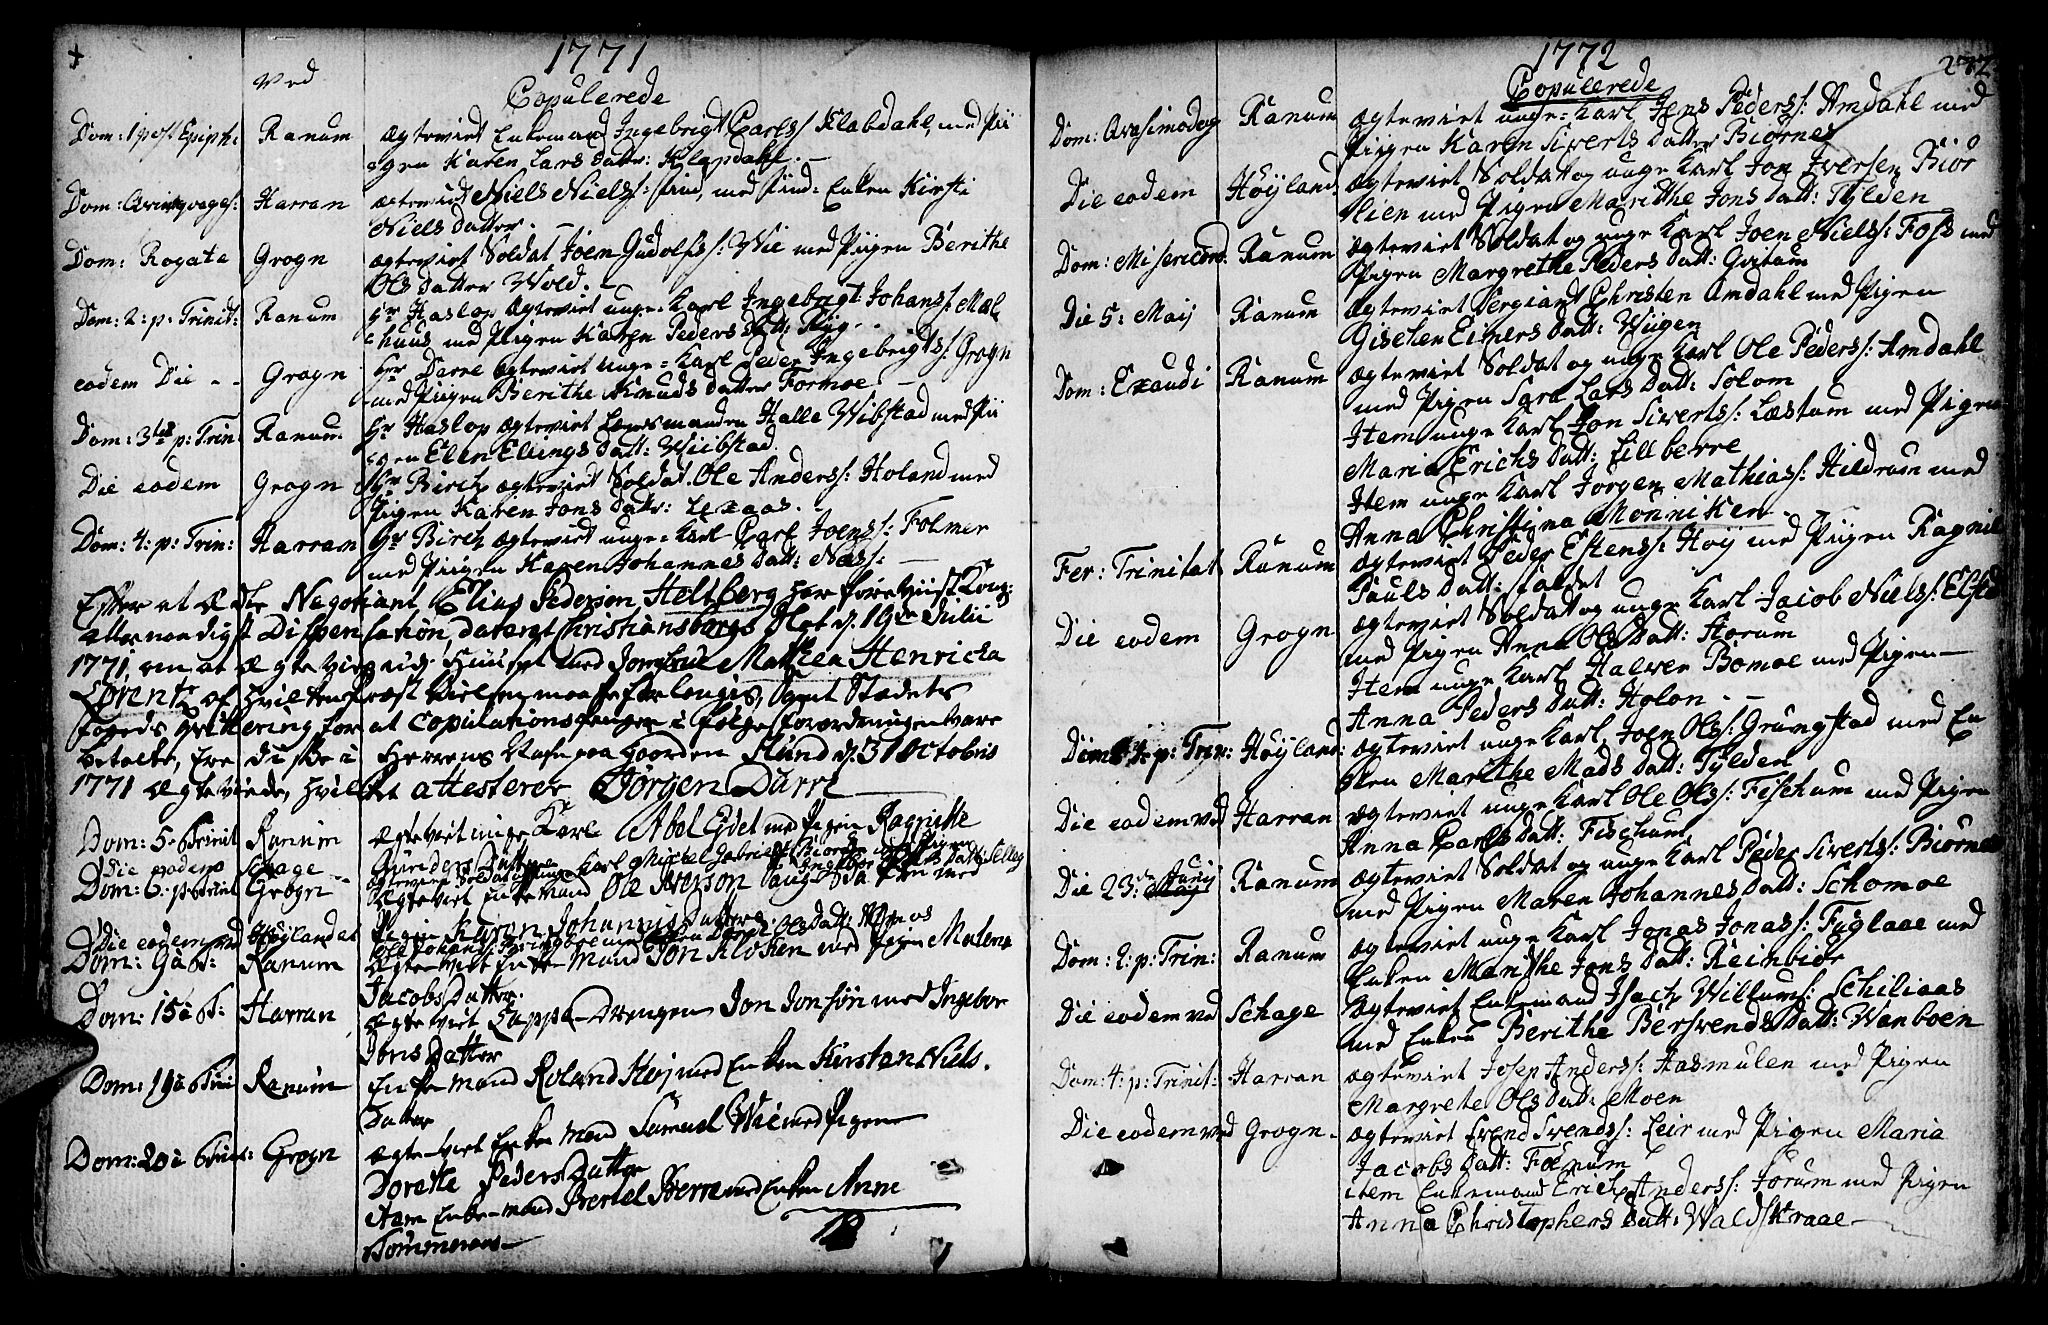 SAT, Ministerialprotokoller, klokkerbøker og fødselsregistre - Nord-Trøndelag, 764/L0542: Ministerialbok nr. 764A02, 1748-1779, s. 272